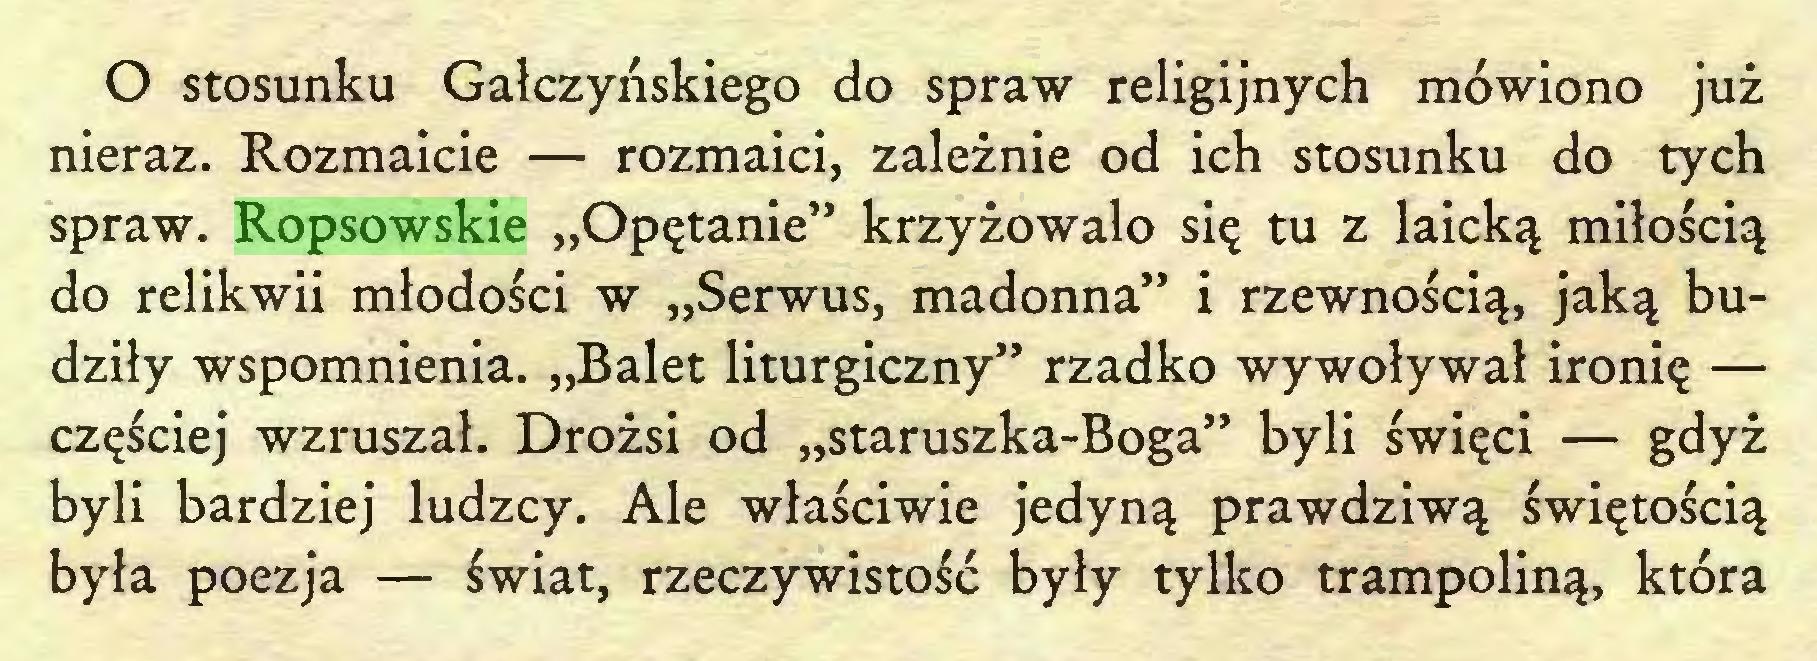 """(...) O stosunku Gałczyńskiego do spraw religijnych mówiono już nieraz. Rozmaicie — rozmaici, zależnie od ich stosunku do tych spraw. Ropsowskie """"Opętanie"""" krzyżowało się tu z laicką miłością do relikwii młodości w """"Serwus, madonna"""" i rzewnością, jaką budziły wspomnienia. """"Balet liturgiczny"""" rzadko wywoływał ironię — częściej wzruszał. Drożsi od """"staruszka-Boga"""" byli święci — gdyż byli bardziej ludzcy. Ale właściwie jedyną prawdziwą świętością była poezja — świat, rzeczywistość były tylko trampoliną, która..."""